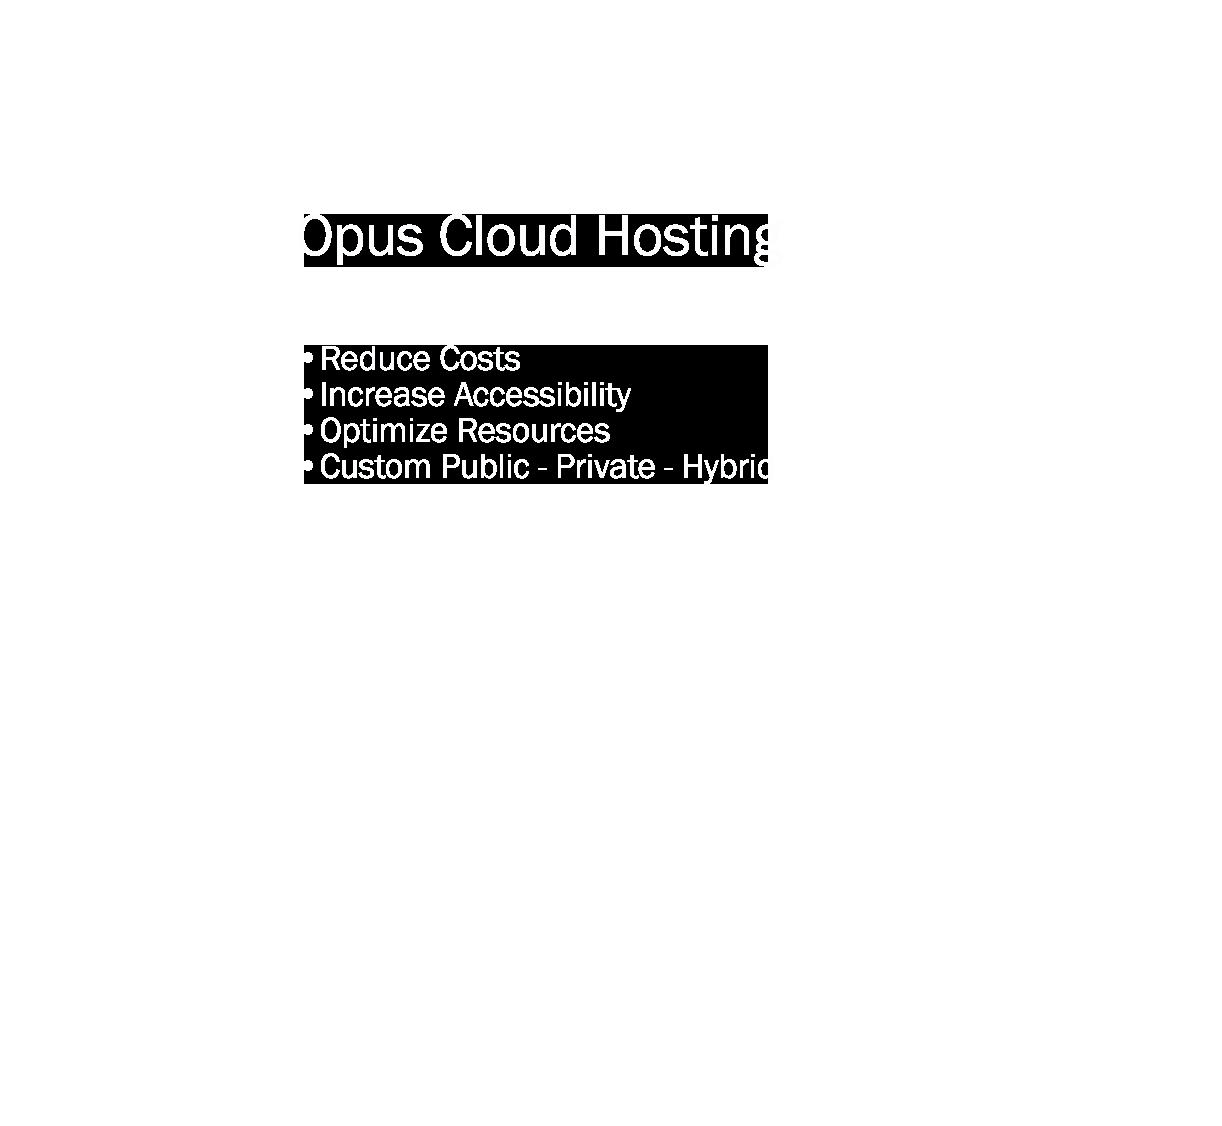 Opus Cloud Hosting